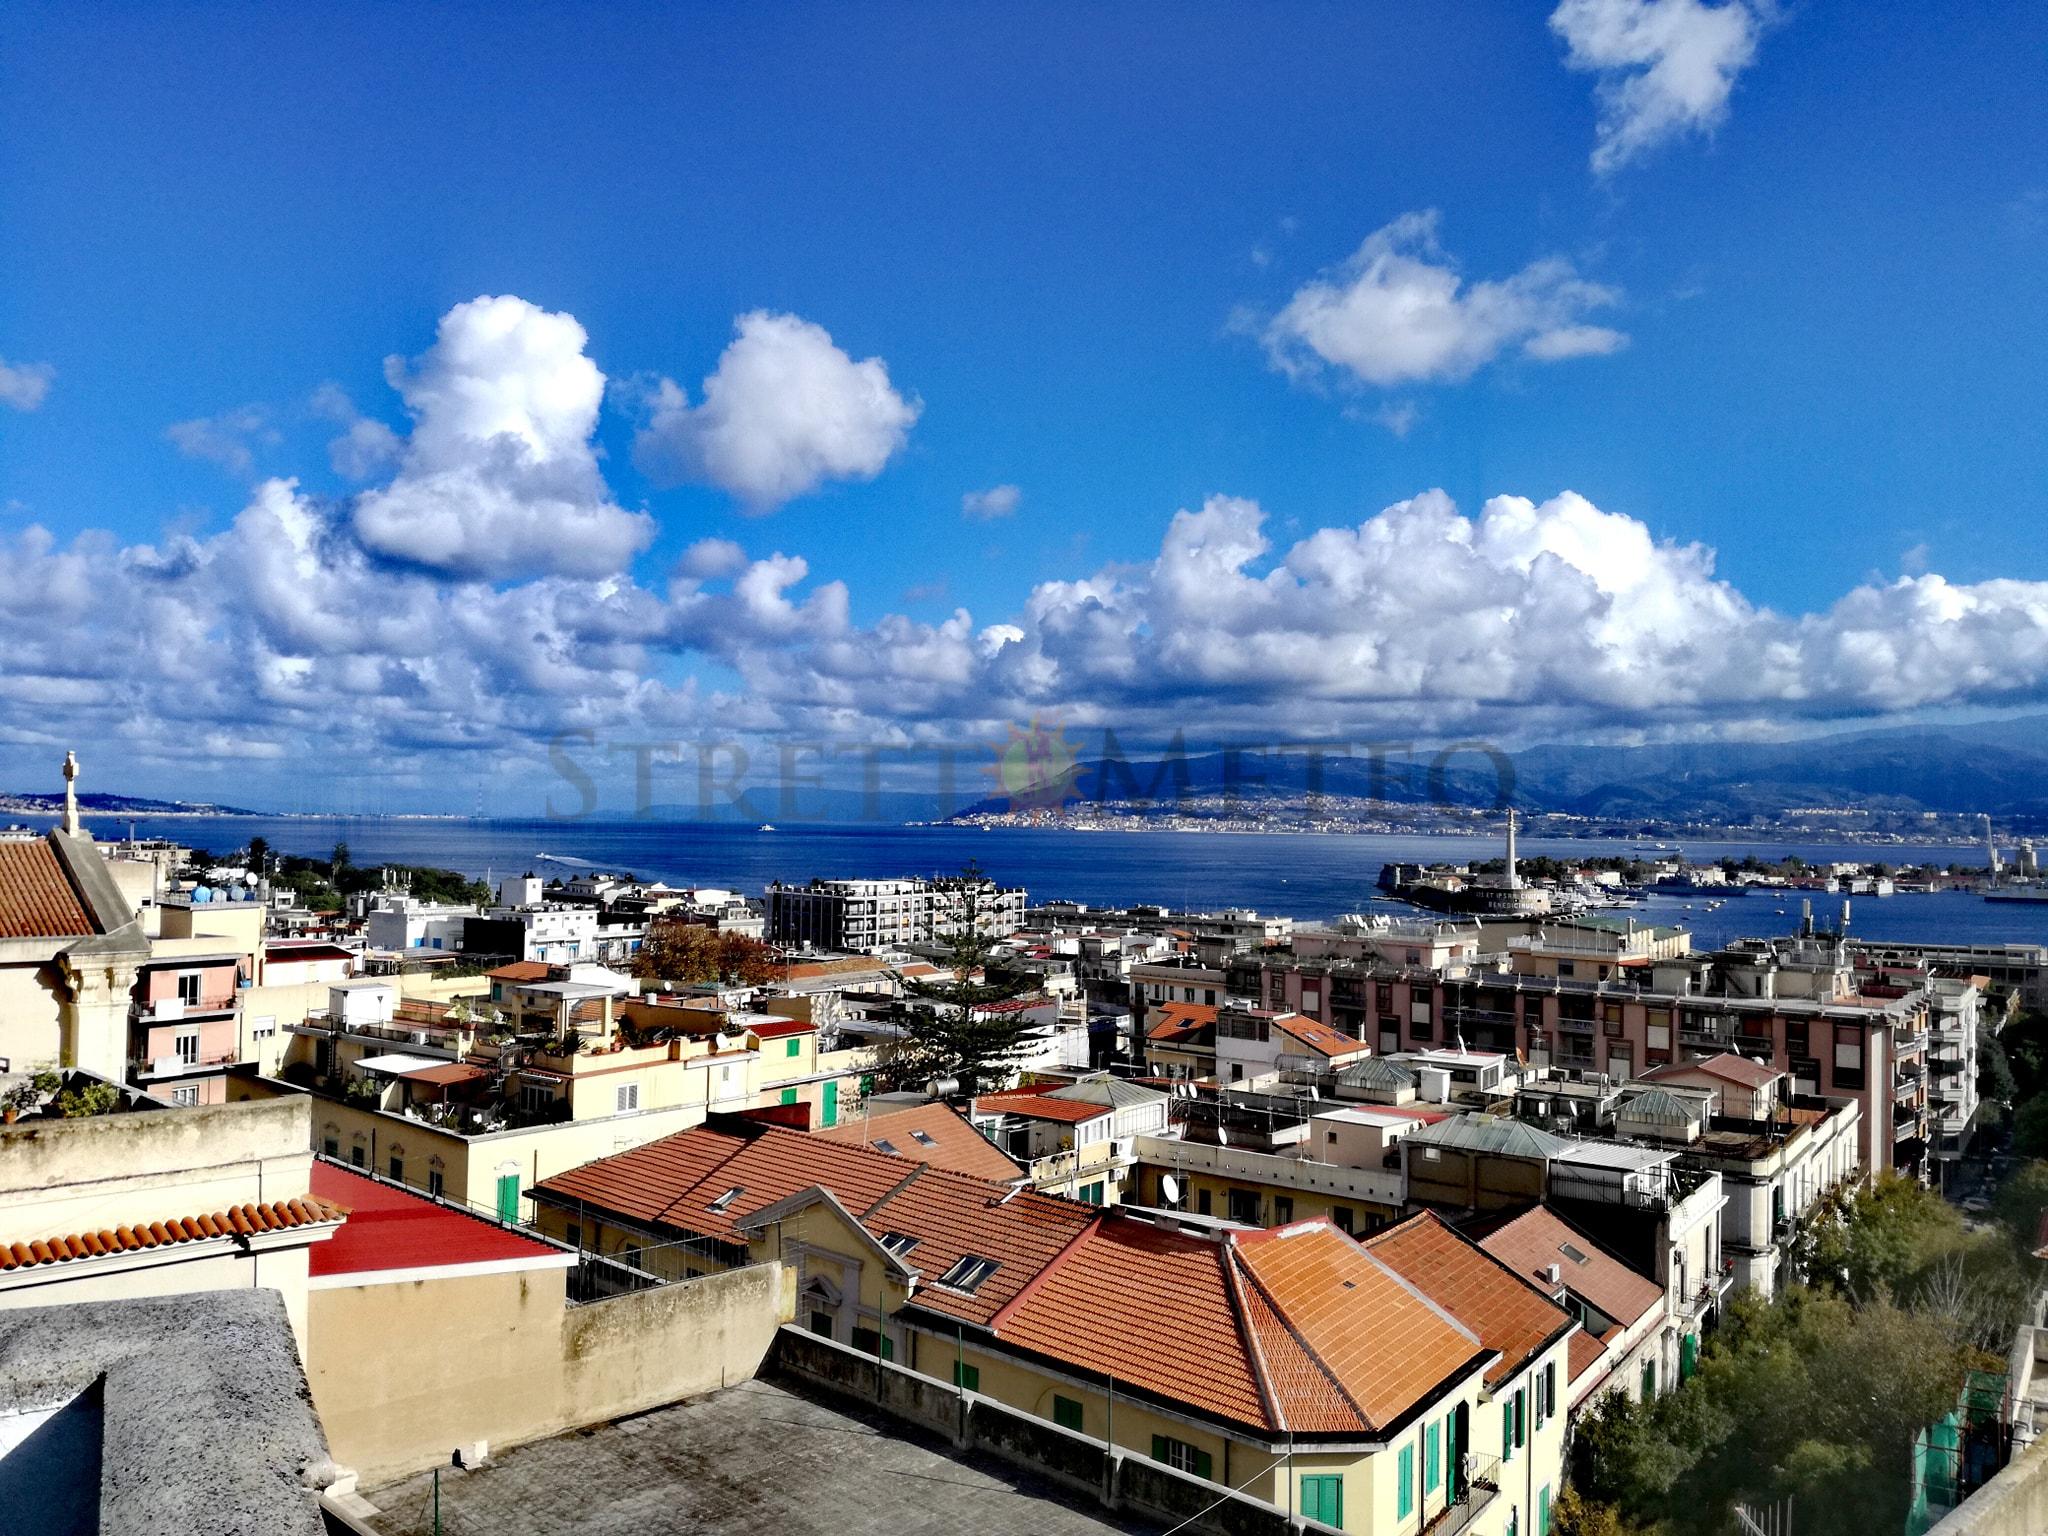 Sarà una Vigilia stabile e mite! Temperature in linea e qualche nube tra Natale e Santo Stefano.